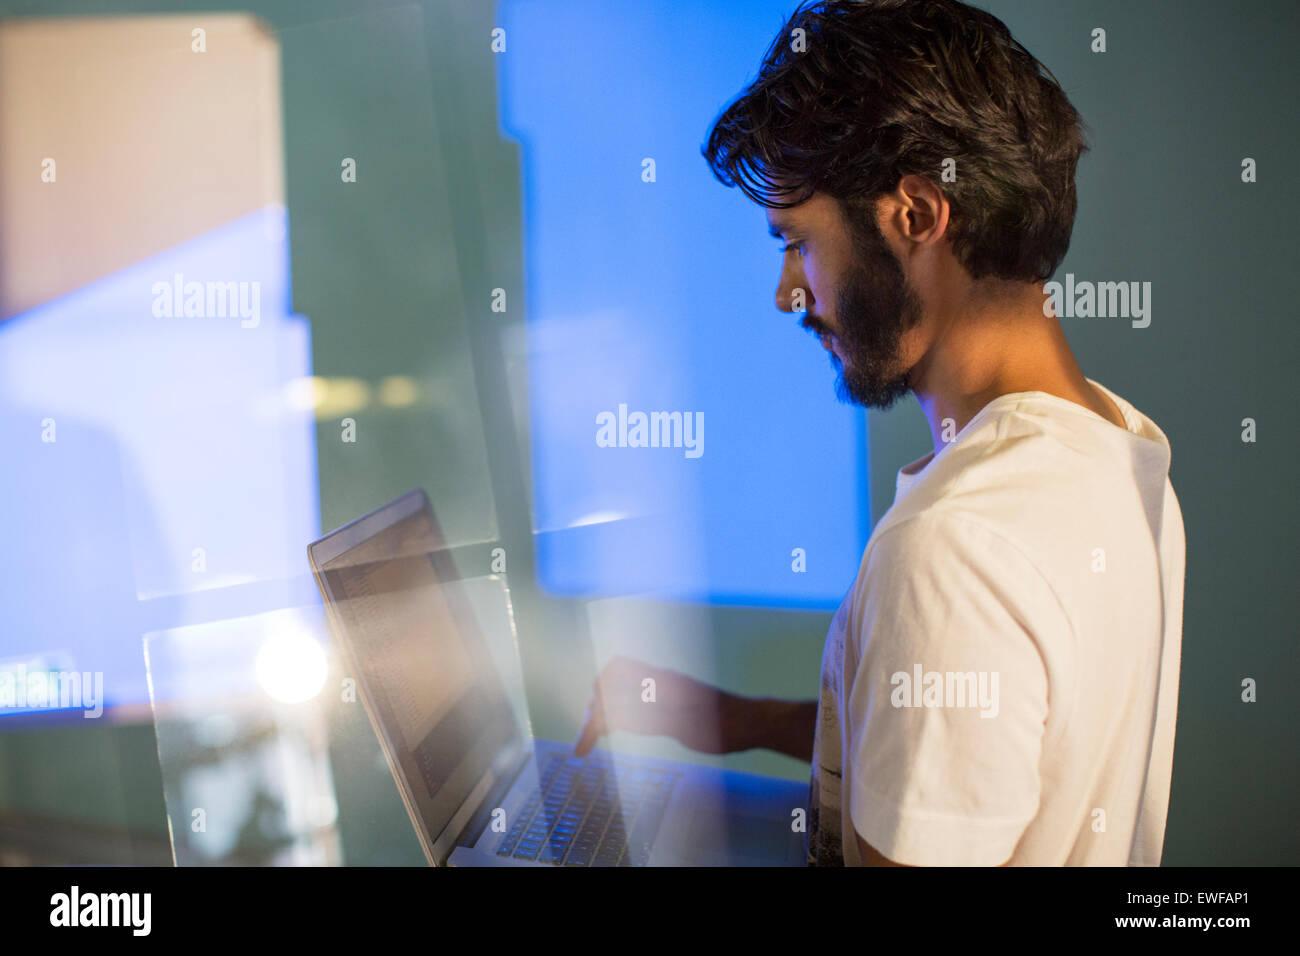 Casual uomo d affari con computer portatile preparazione presentazione audio visiva Immagini Stock